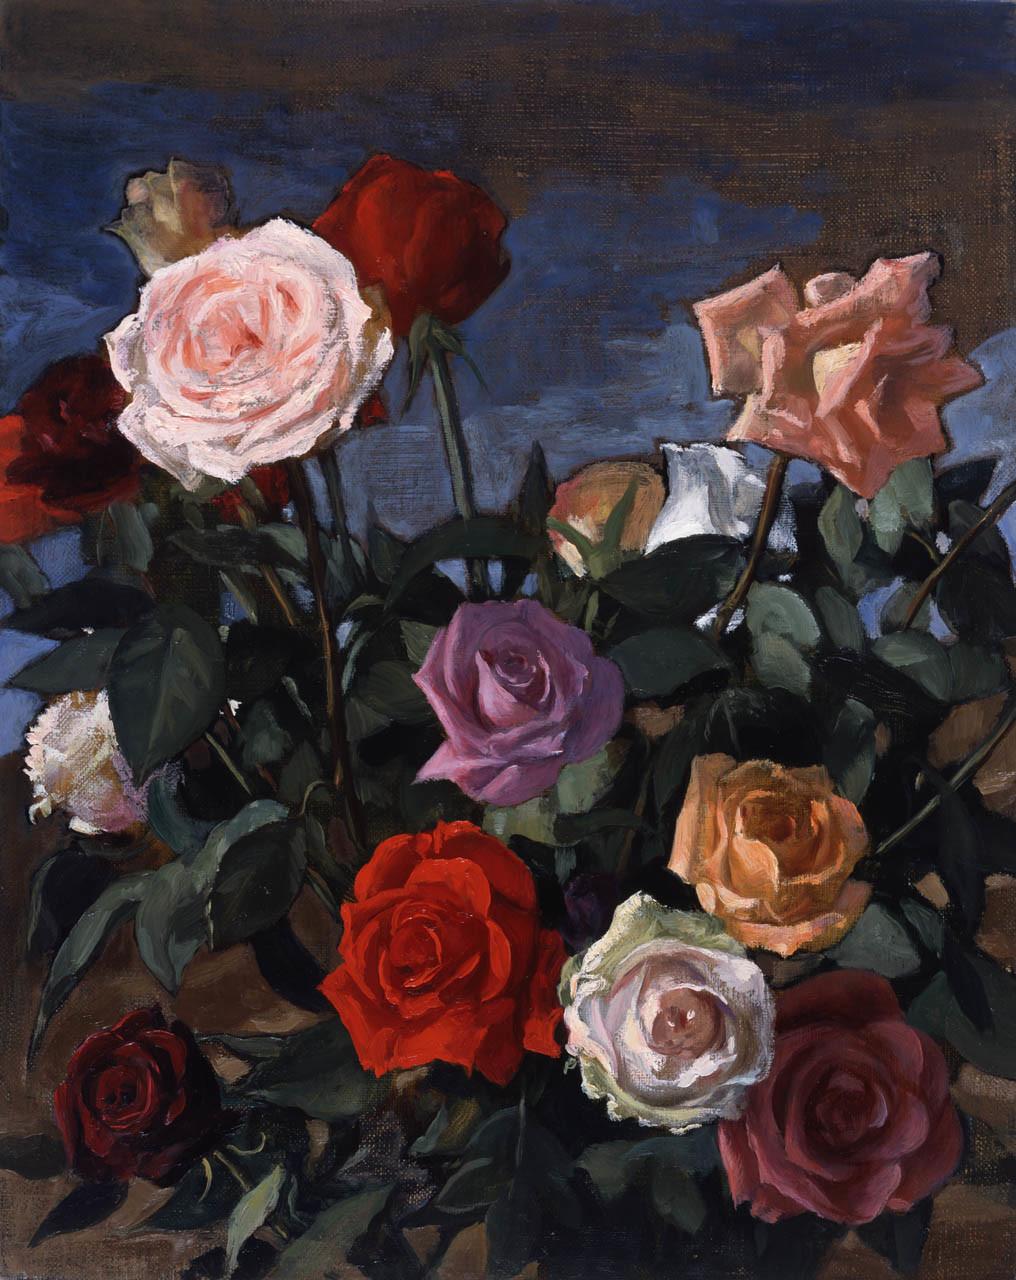 <p>Rosebush, 2003</p>